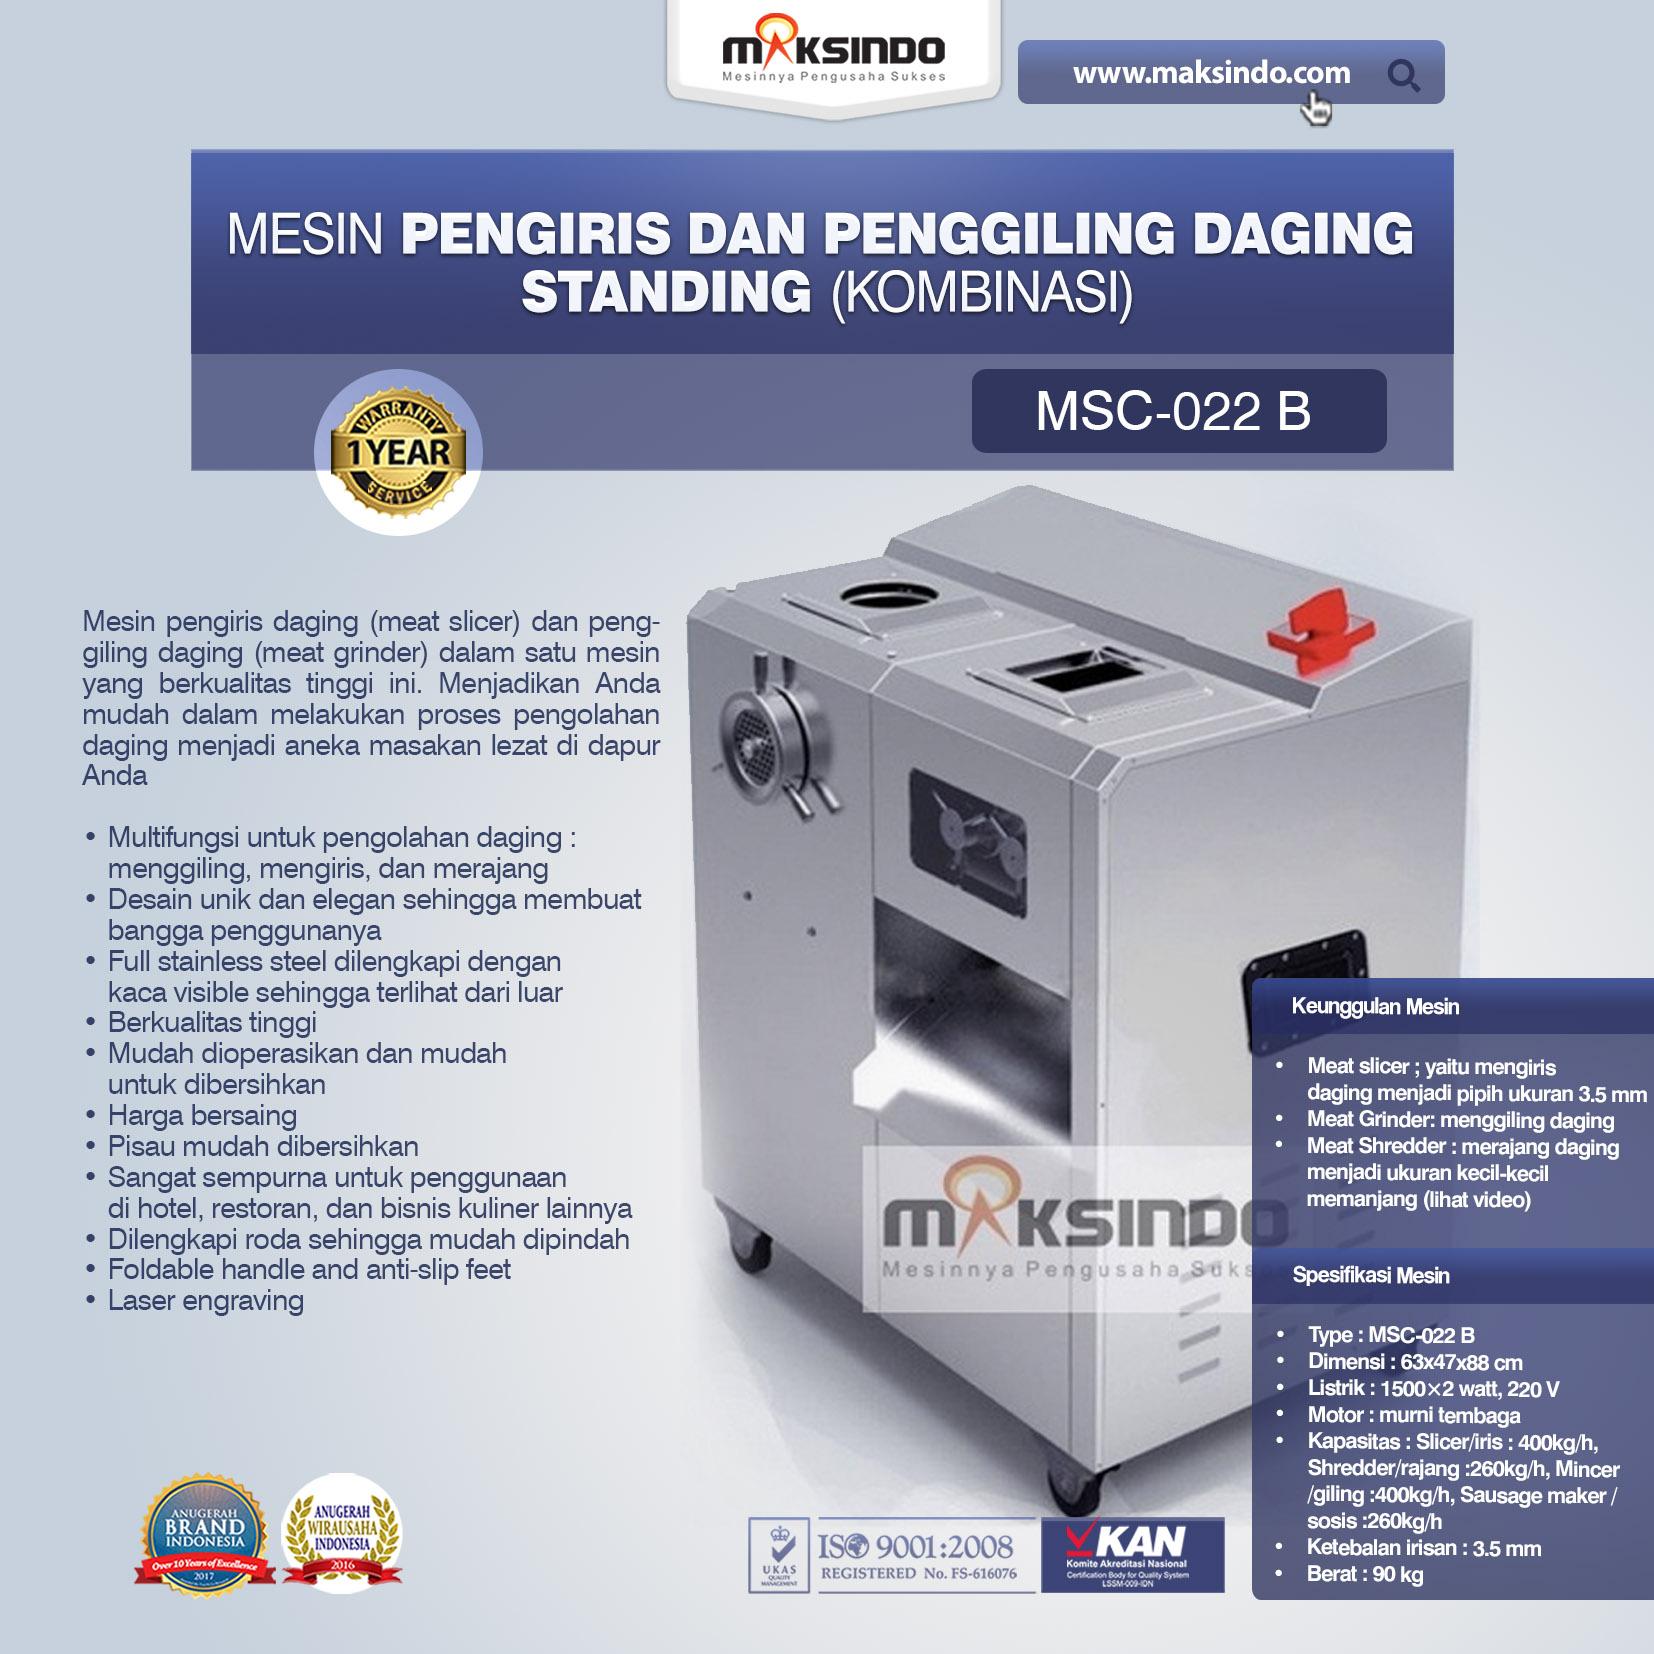 Jual Mesin Pengiris dan Penggiling Daging Standing (Kombinasi) di Mataram